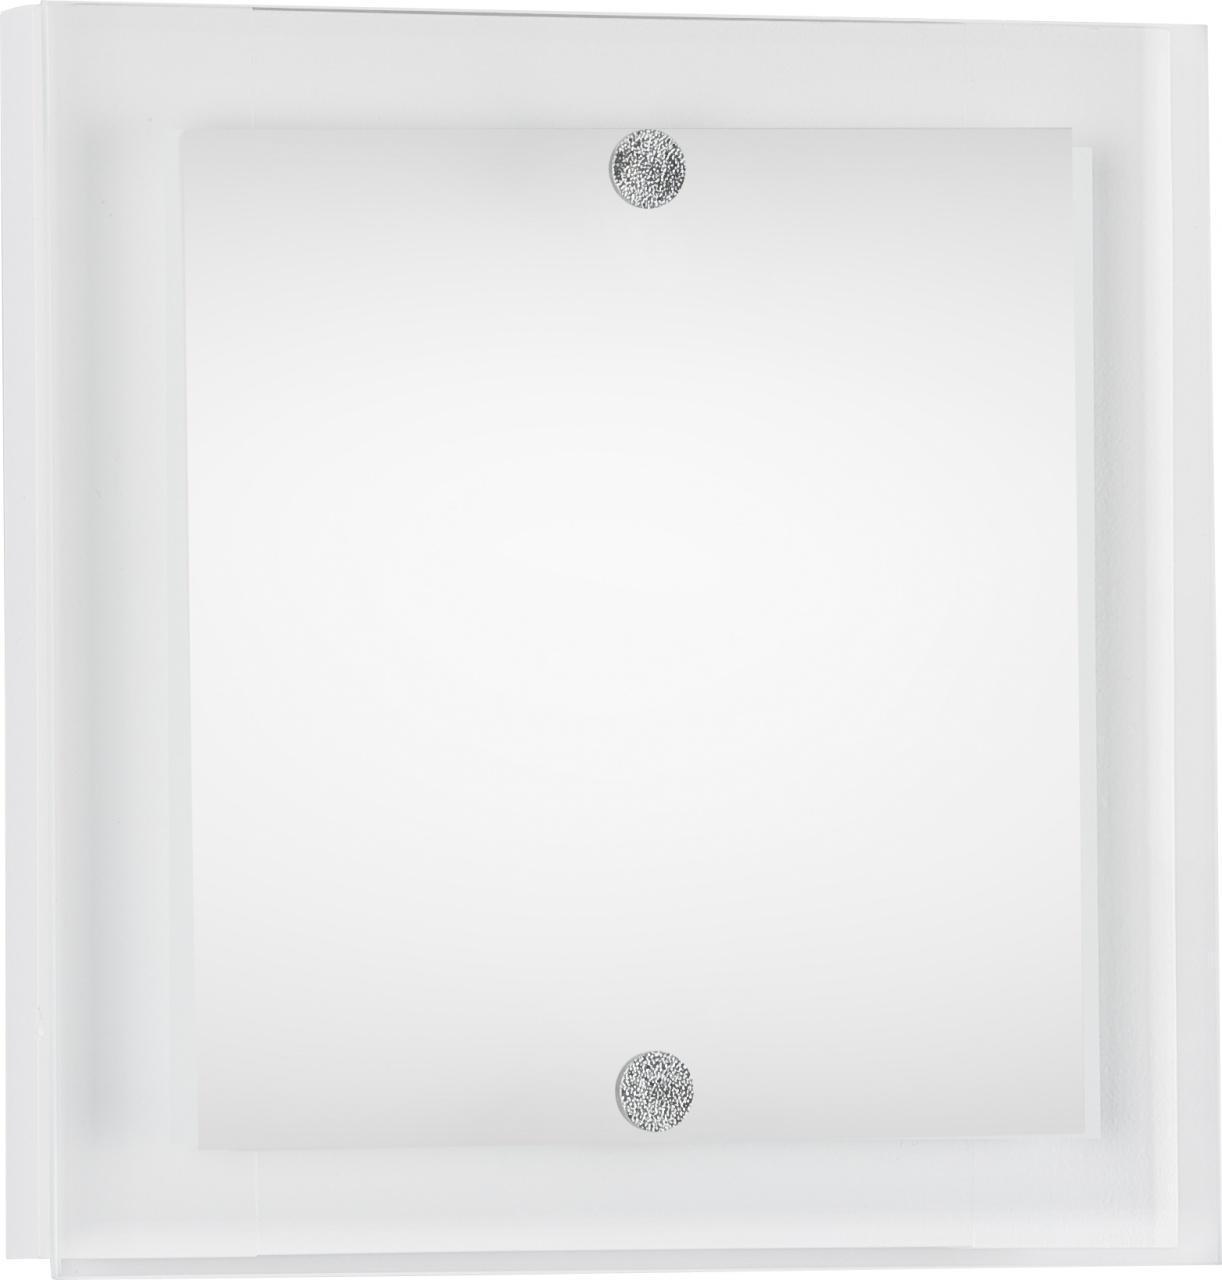 Настенно-потолочный светильник Nowodvorski Kyoto 5586 настенно потолочный светильник nowodvorski jasmine 5625 jasmine 1